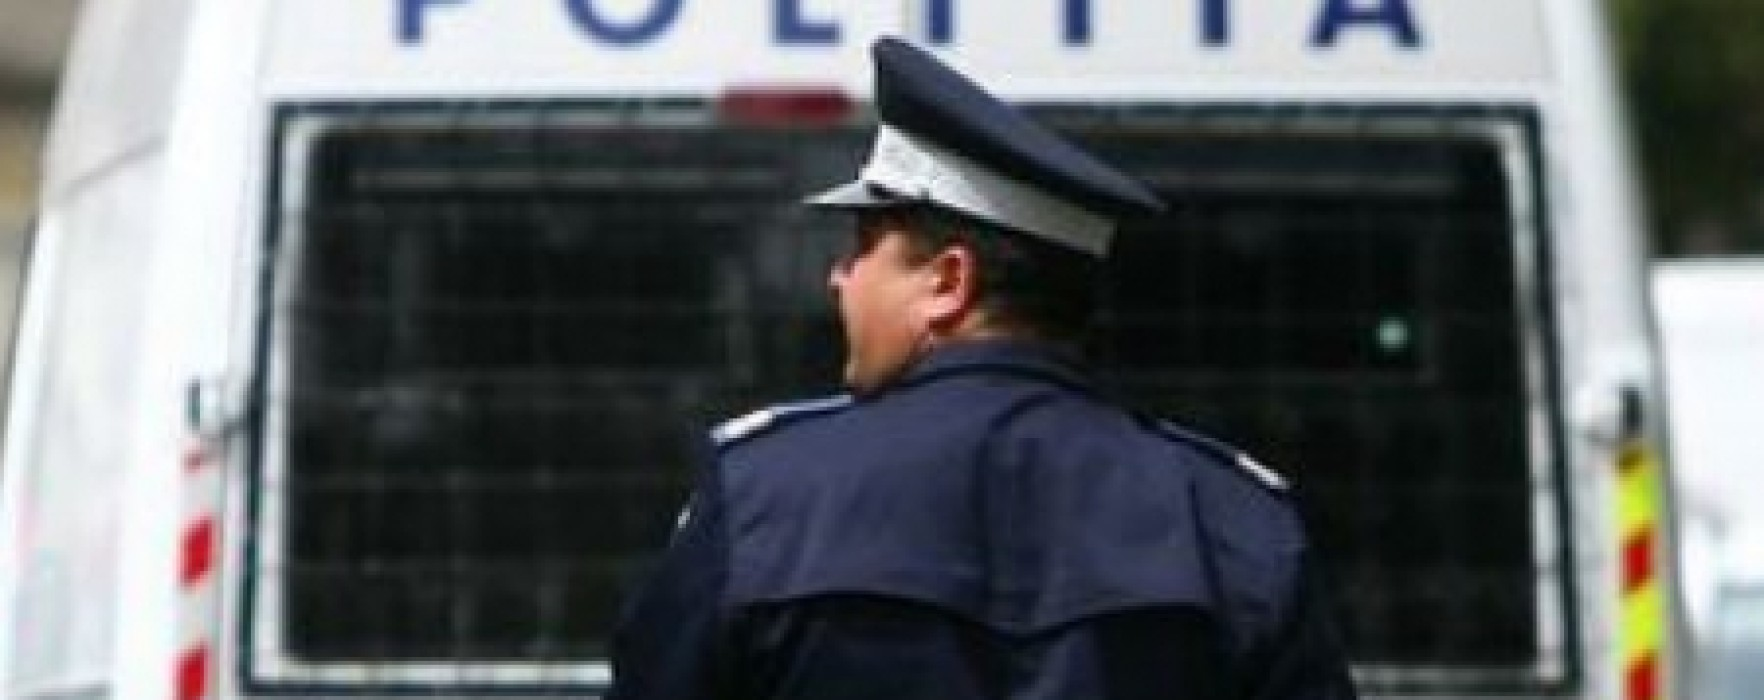 Dâmboviţa: Reţinut în dosarul fraudelor economice în domeniul asigurărilor